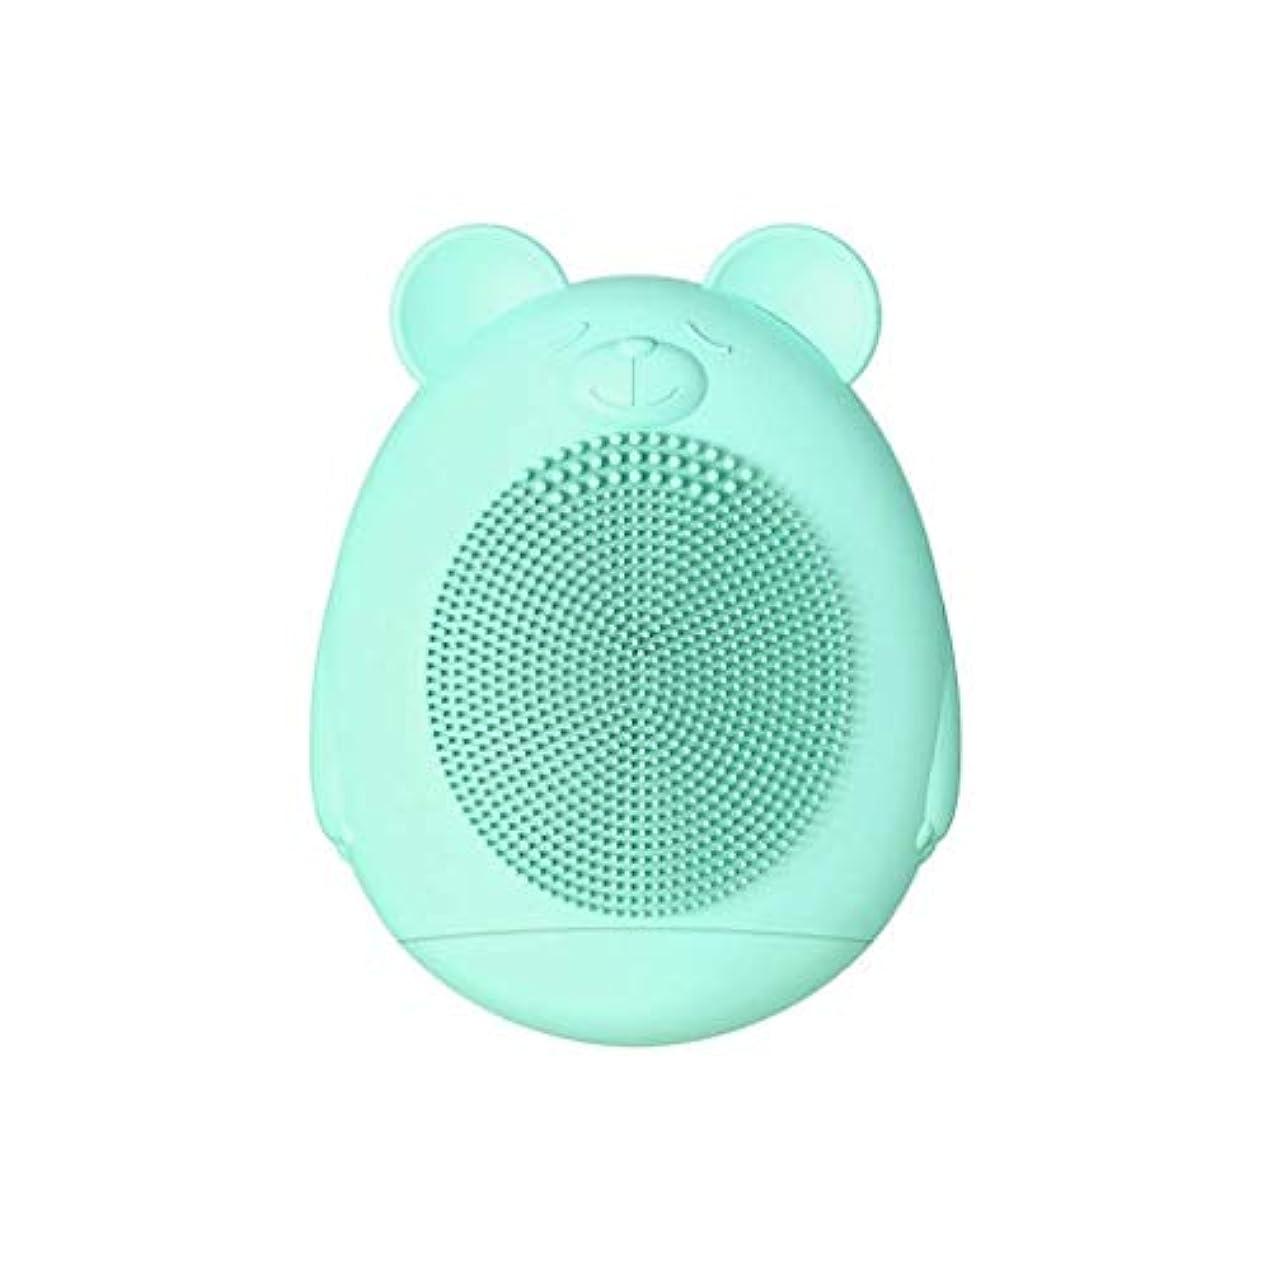 フォーマル大佐赤ちゃんフェイシャルクレンジングブラシ、ディープクレンジング用の防水ワイヤレス充電式シリコンフェイシャルクレンザー、穏やかな角質除去、黒ずみの除去、アンチエイジングマッサージ (Color : 青)